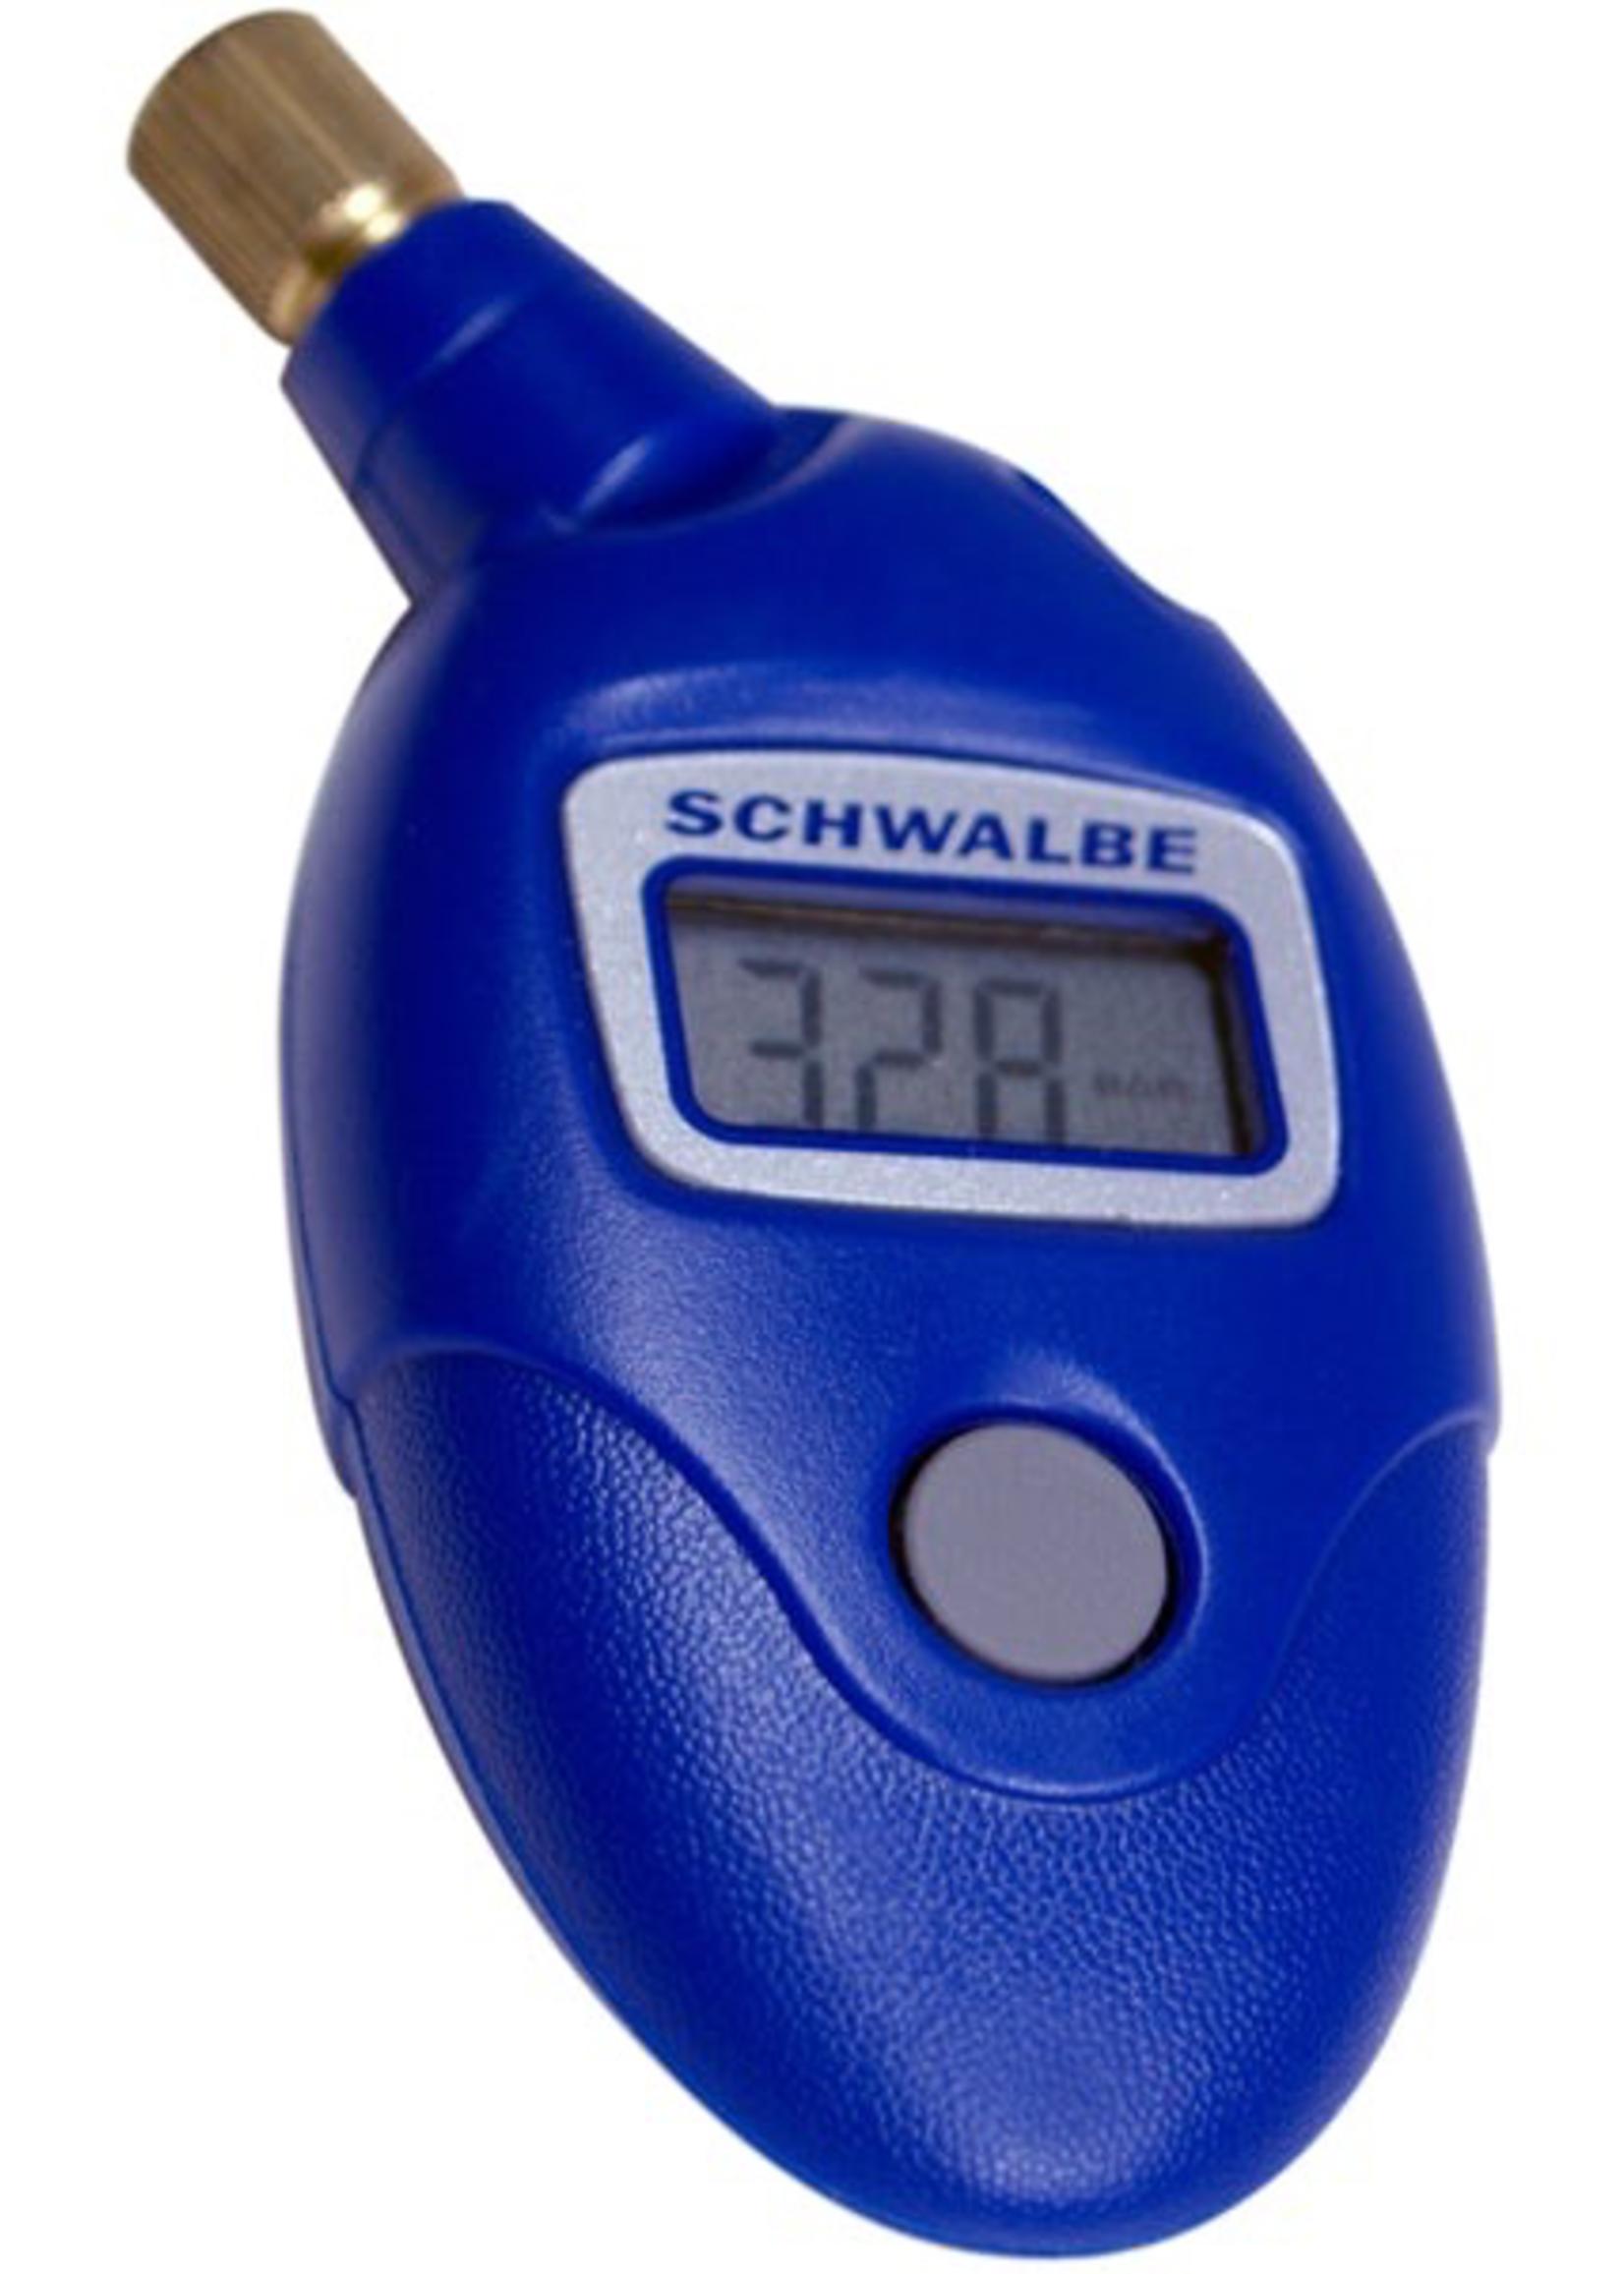 Schwalbe SCHWALBE - AIRMAX DIGITAL PRESSURE GAUGE